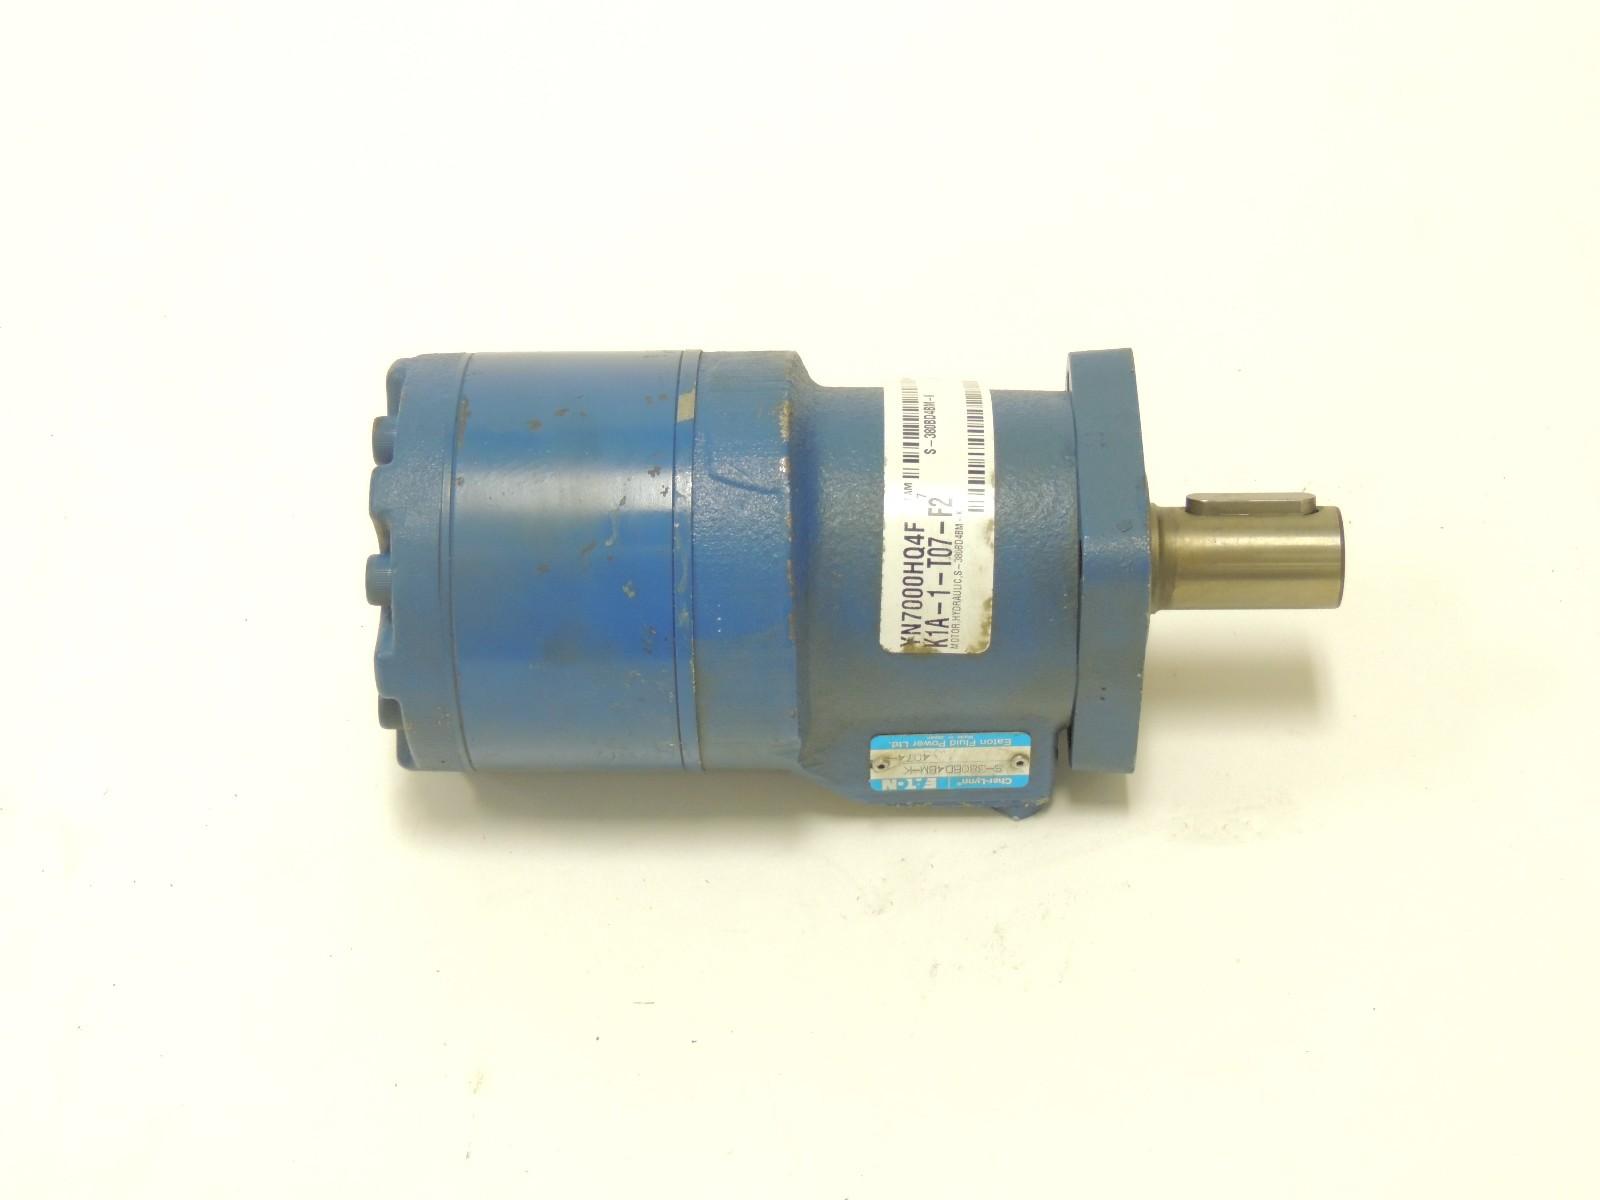 New char lynn eaton hydraulic motor s 380bd4bm k 153 rpm for Char lynn hydraulic motor repair